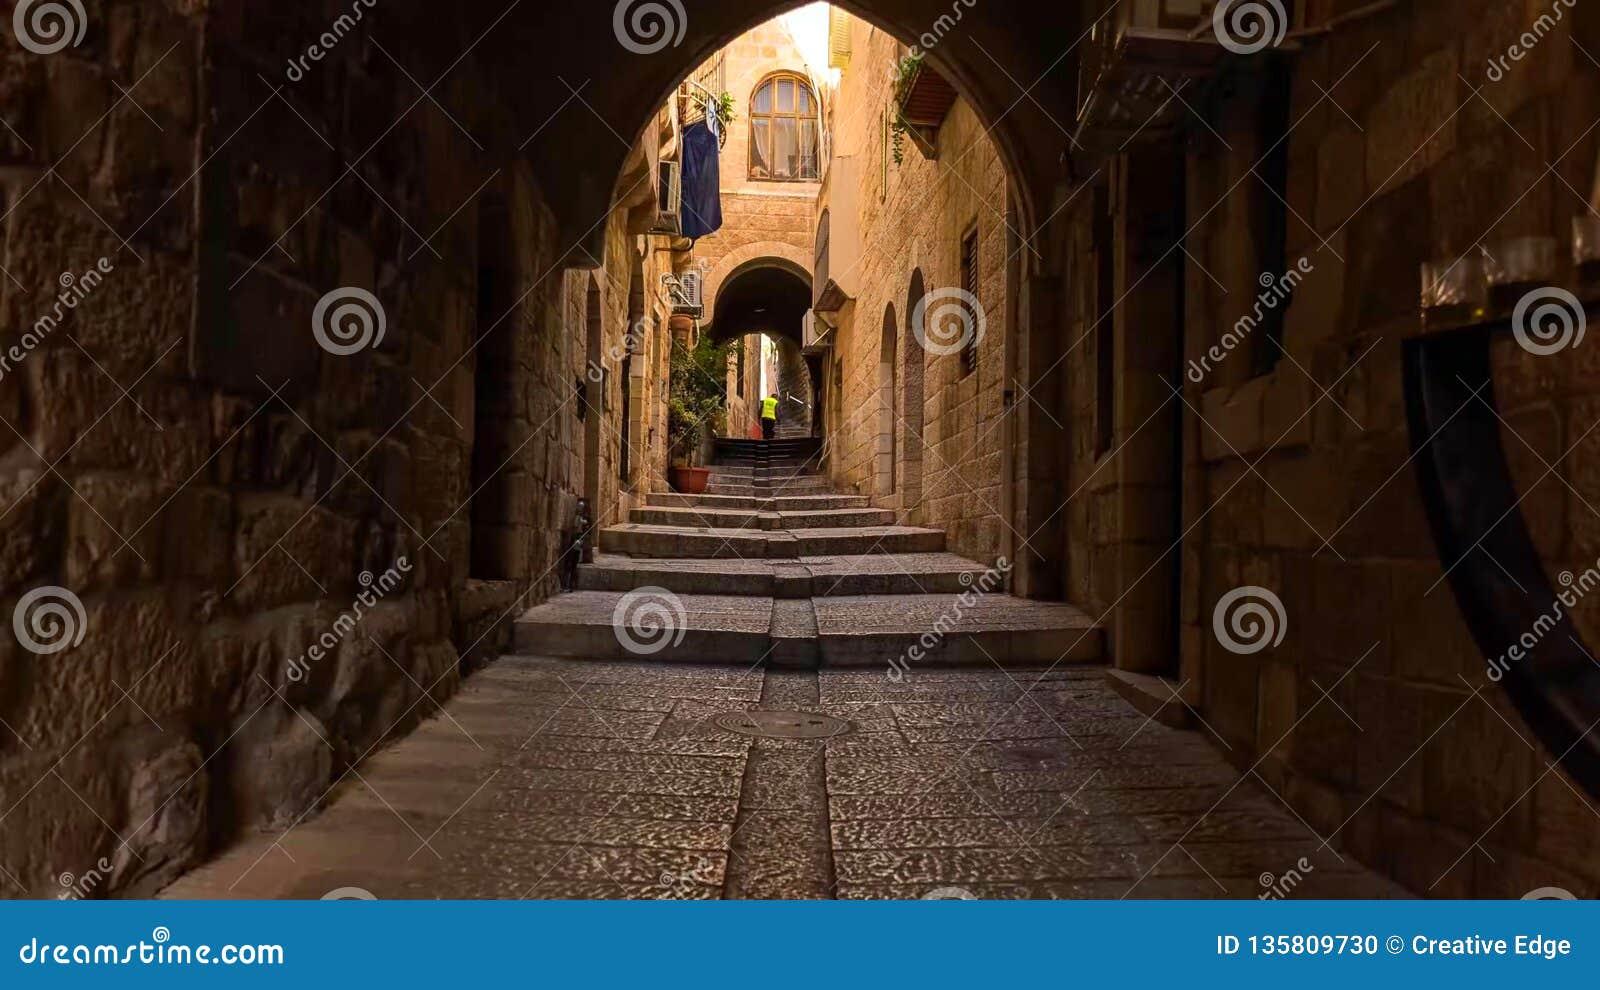 Ο ορίζοντας της παλαιάς πόλης στο δυτικό τοίχο και ο ναός τοποθετούν στην Ιερουσαλήμ, Ισραήλ